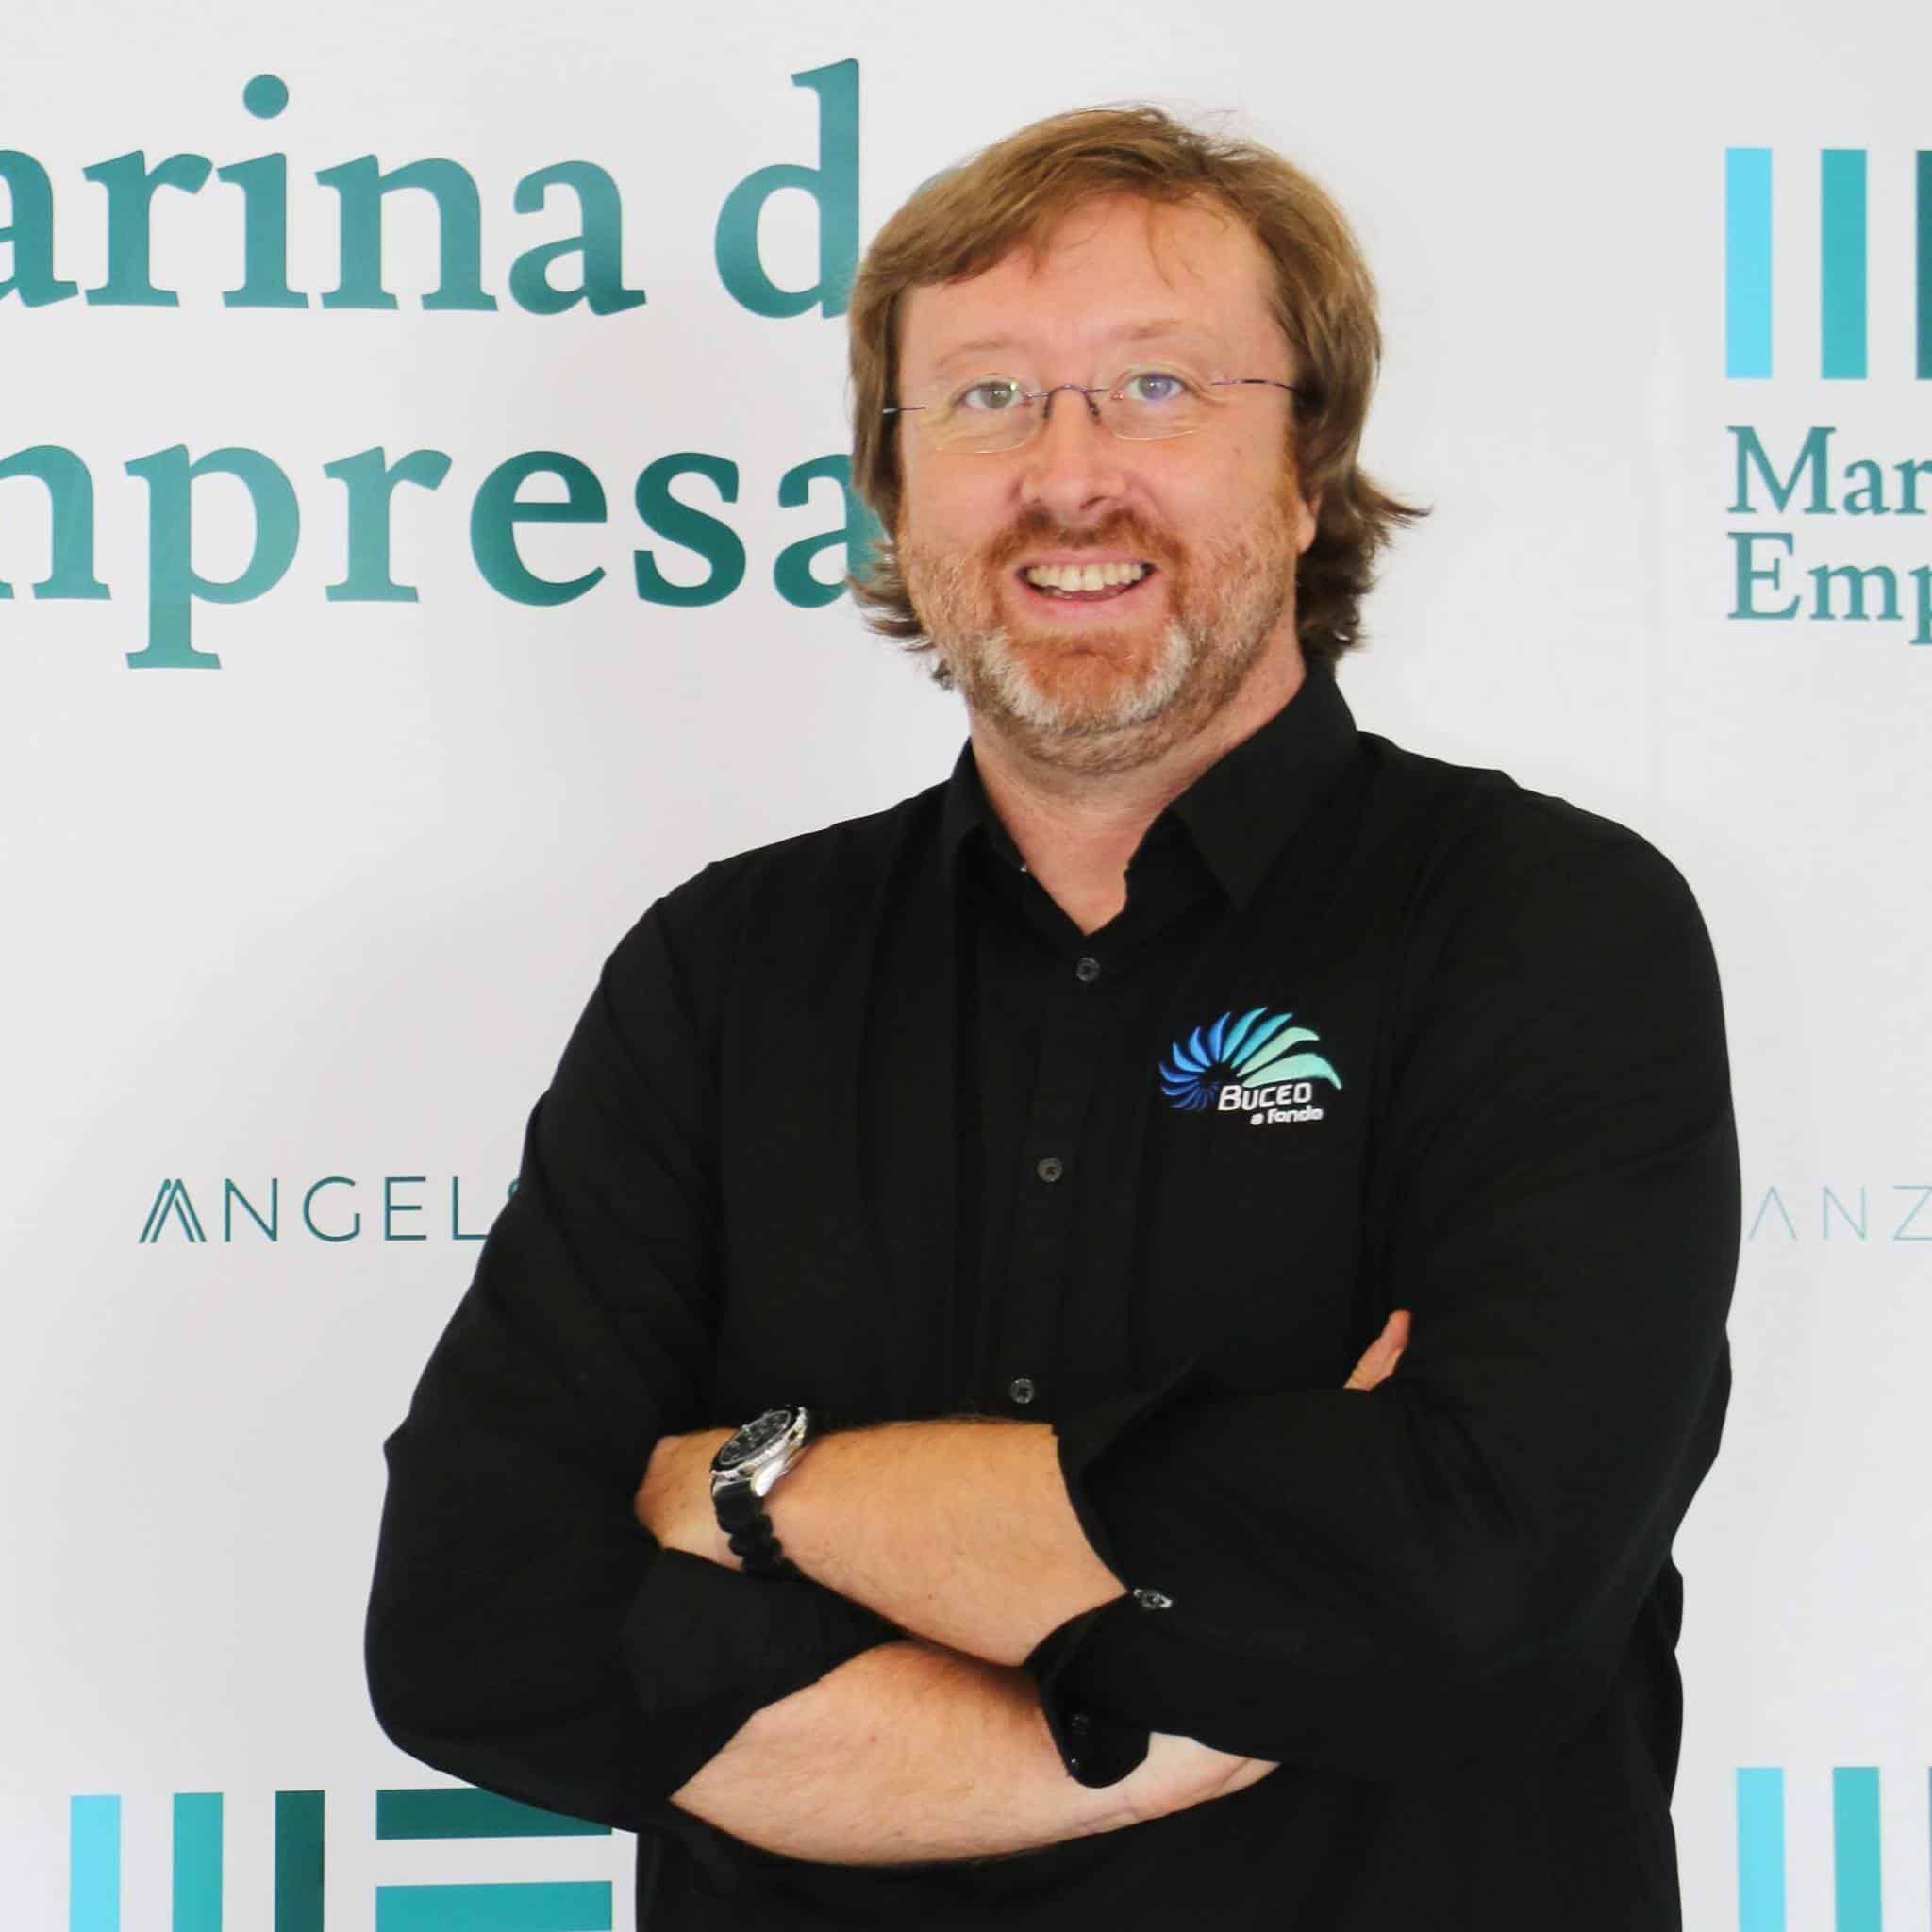 Enrique Martínez Giner